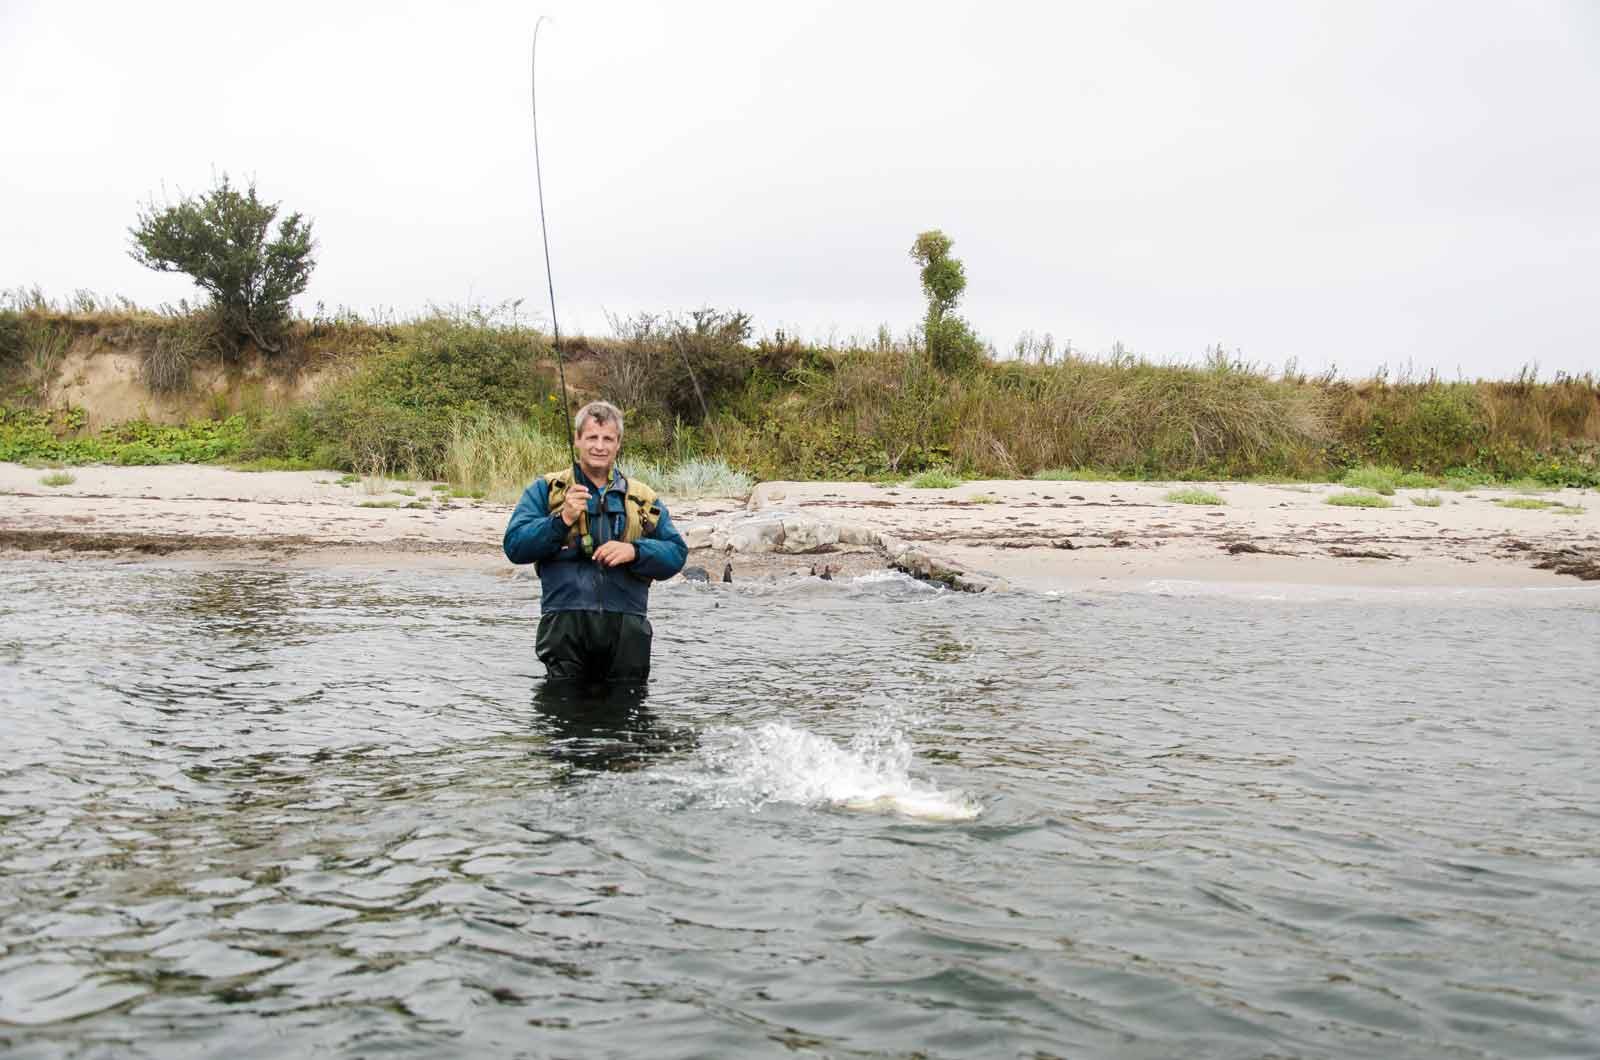 Kystflue efter havørred med Jan Krohn Dehli